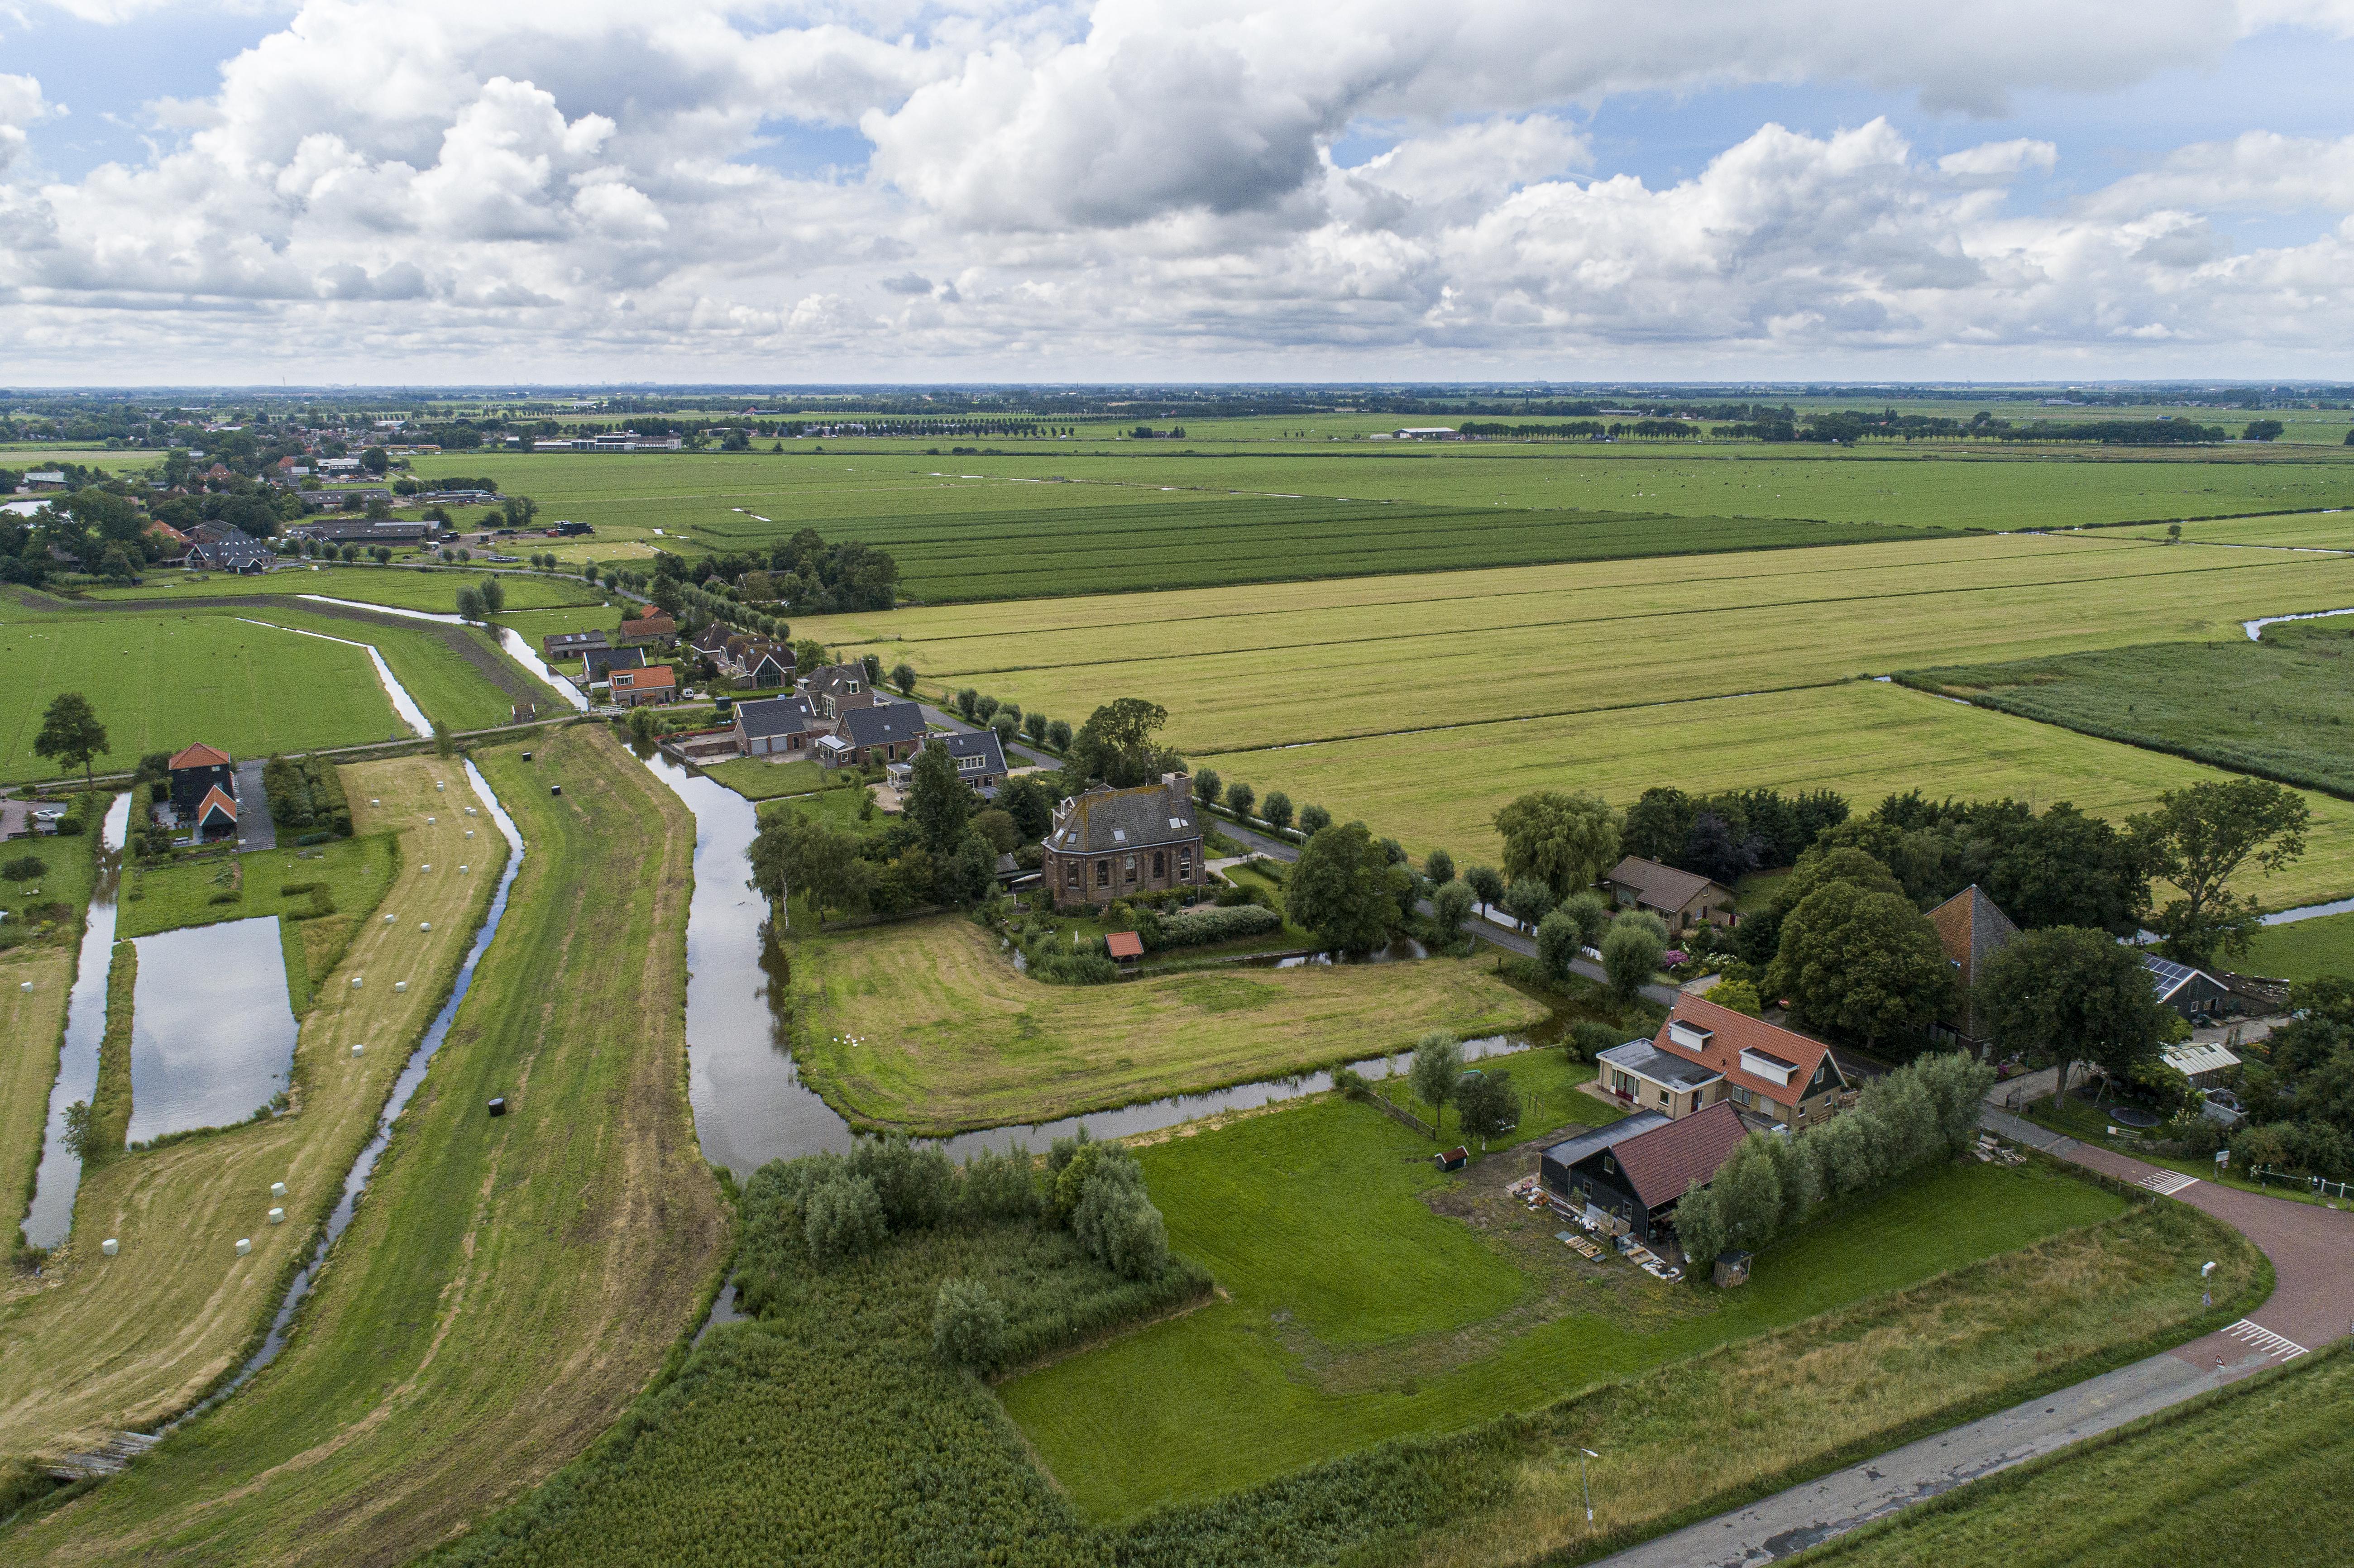 Etersheim is niet klein te krijgen, ook niet door het water; het werd stukje bij beetje verzwolgen door de Zuiderzee maar schoof gewoon verder landinwaarts